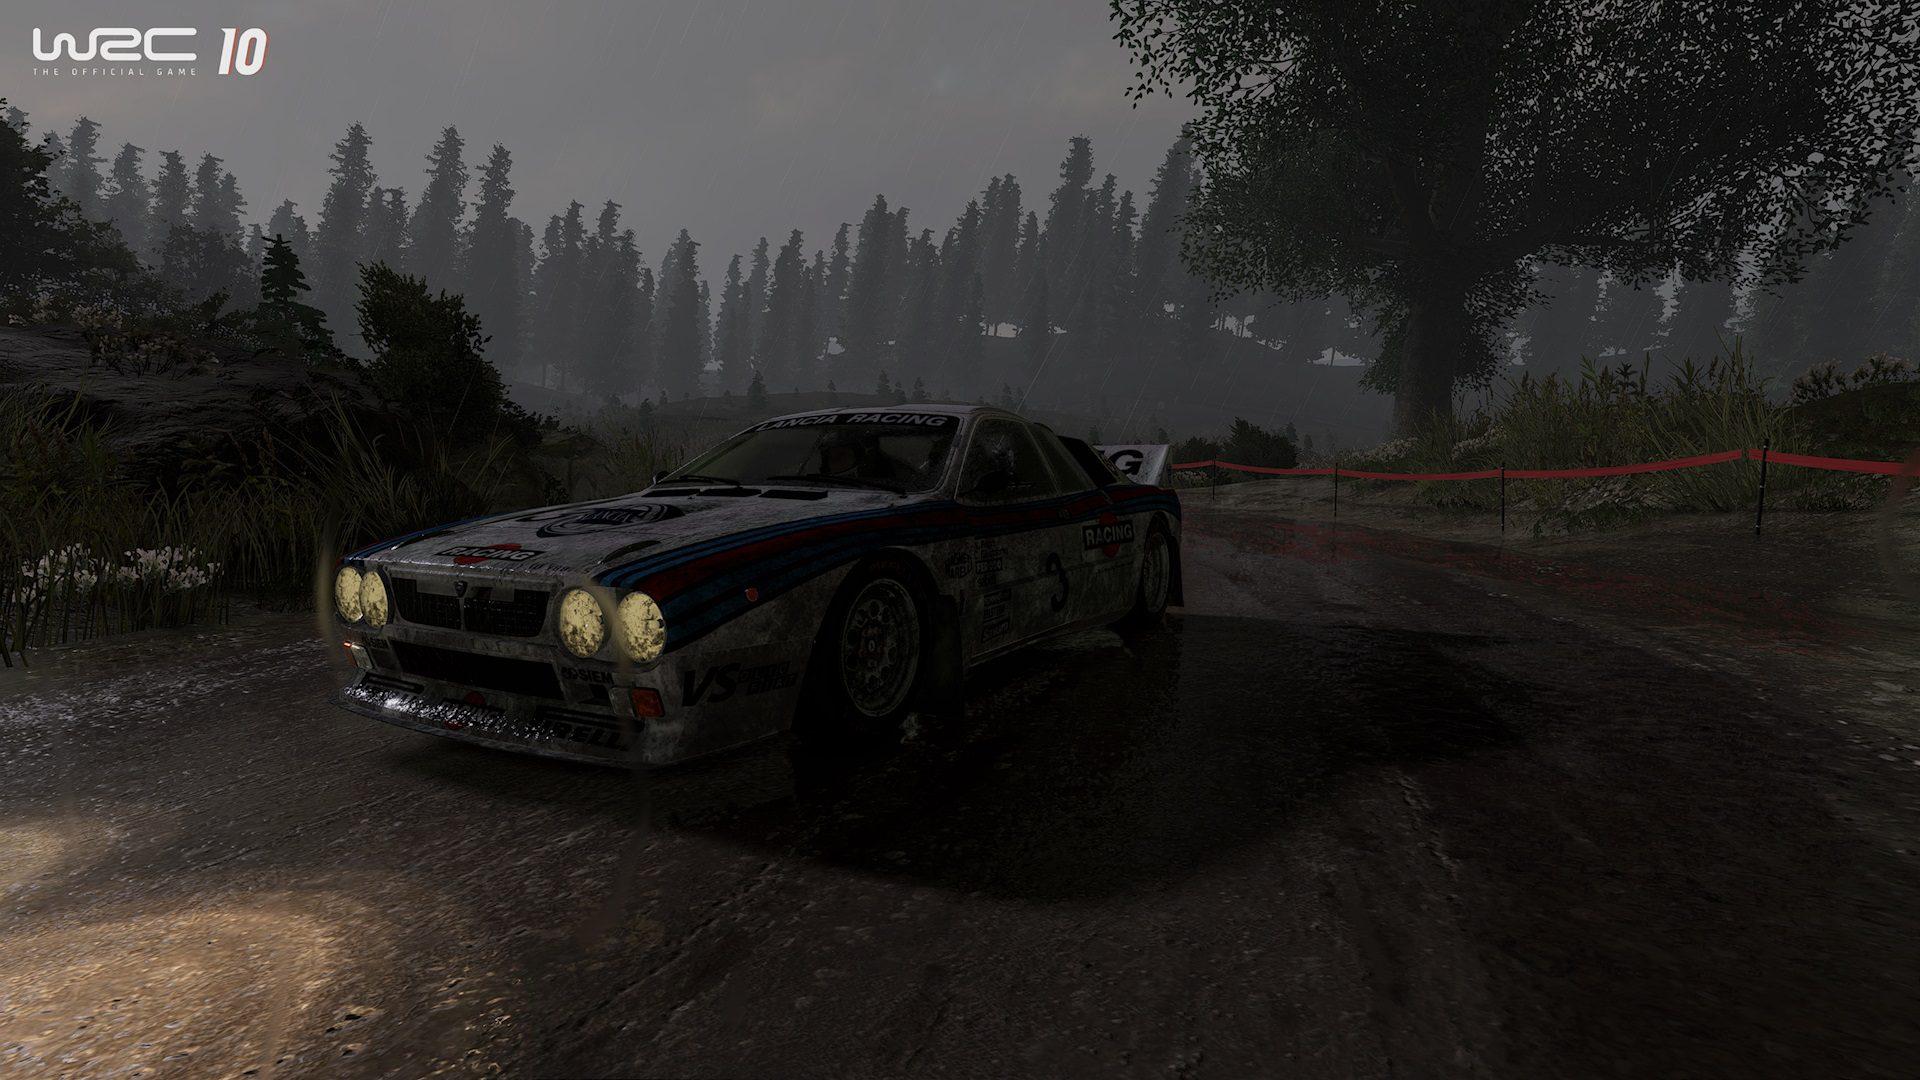 Análisis de WRC 10 para Xbox Series X - KT Racing vuelve con WRC 10 en la entrega más completa y mejor acabada de la historia de la franquicia.